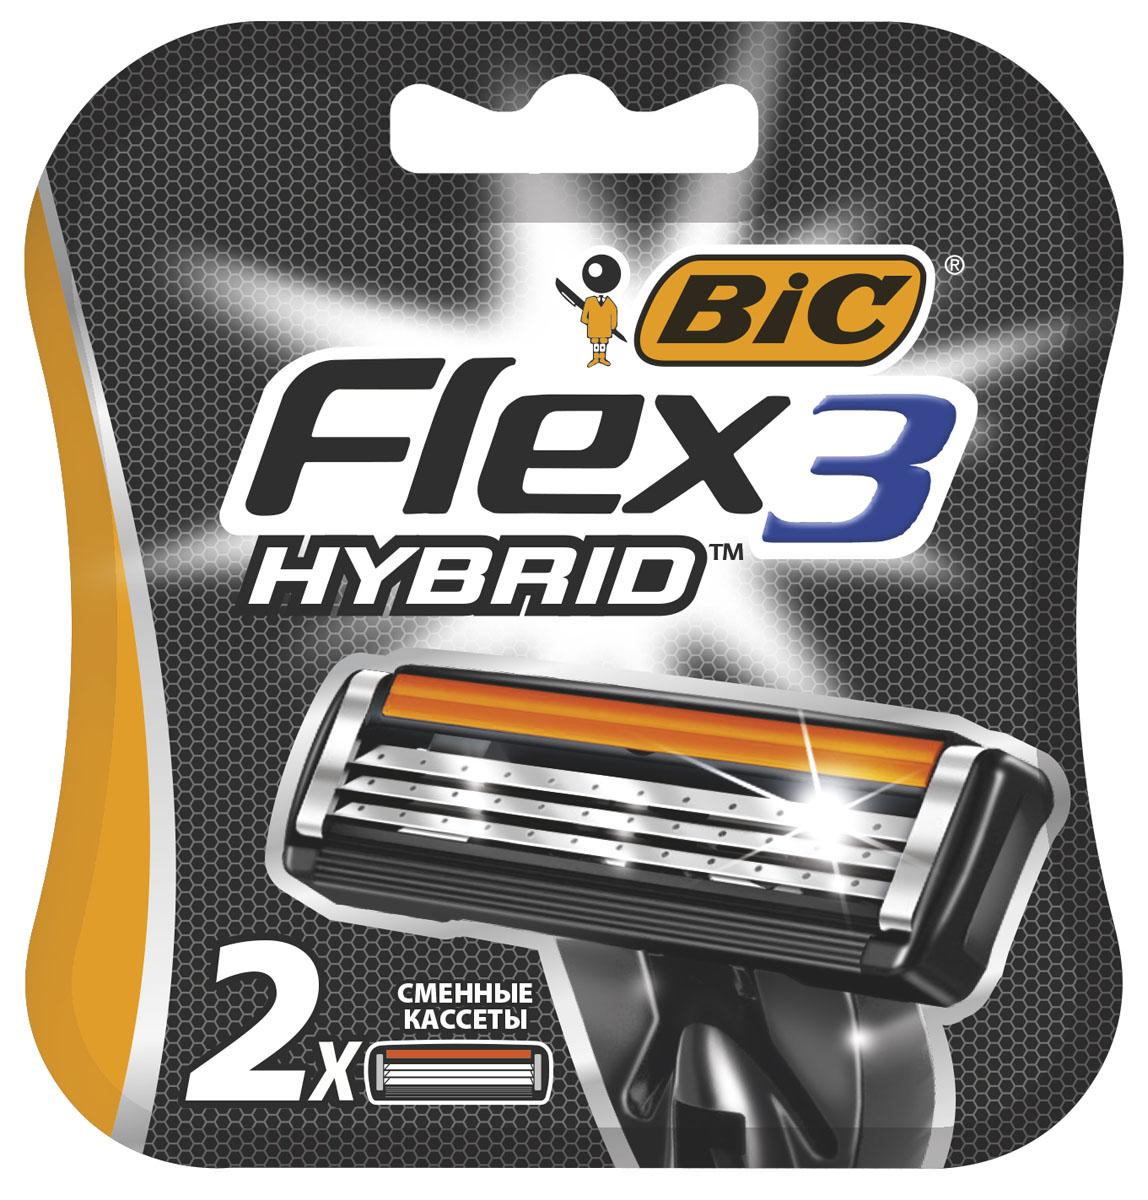 Bic Flex 3 Hybrid Сменные кассеты для бритья, 2 штKF1118Три высококачественных лезвия, плавающих независимо друг от друга. Хромо-полимерное покрытие лезвий. Более широкий резиновый предохранитель.